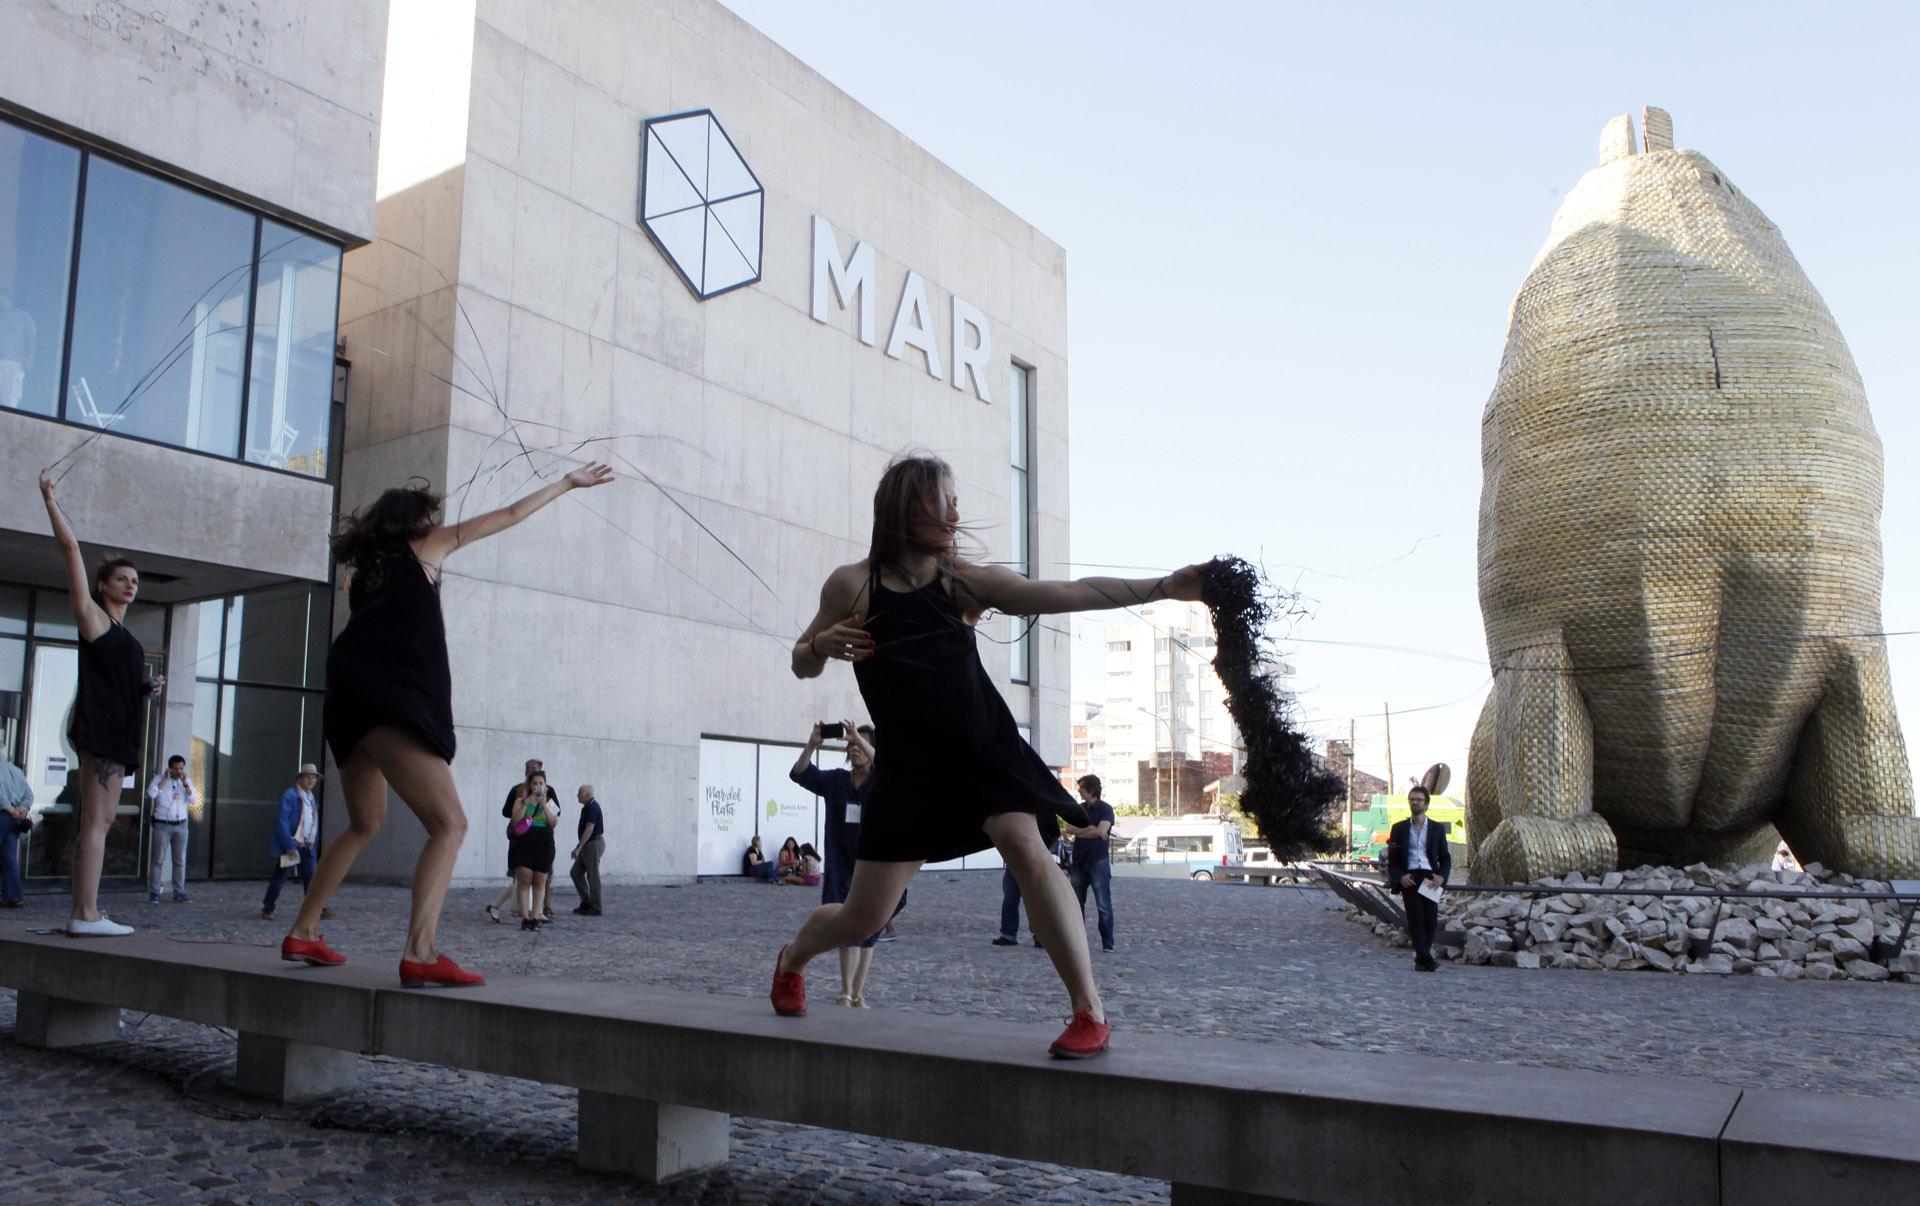 """Otro momento de la """"performance itinerante"""", en la entrada del Museo MAR. Foto: Francisco Mendes"""